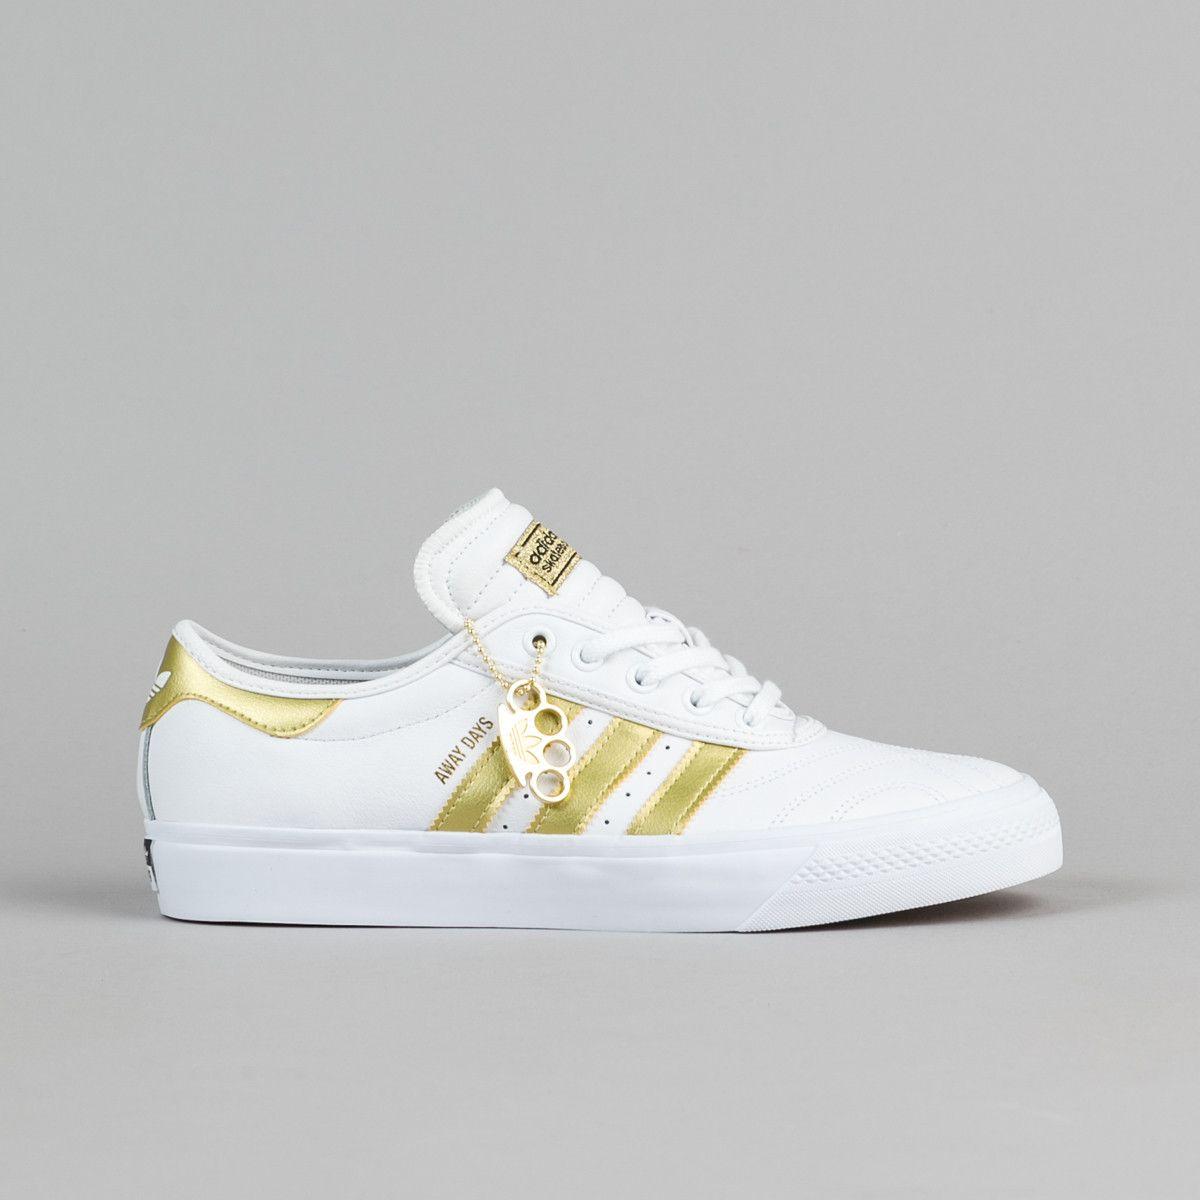 Adidas Adi Ease estreno lejos días zapatos blanco / oro / Gum